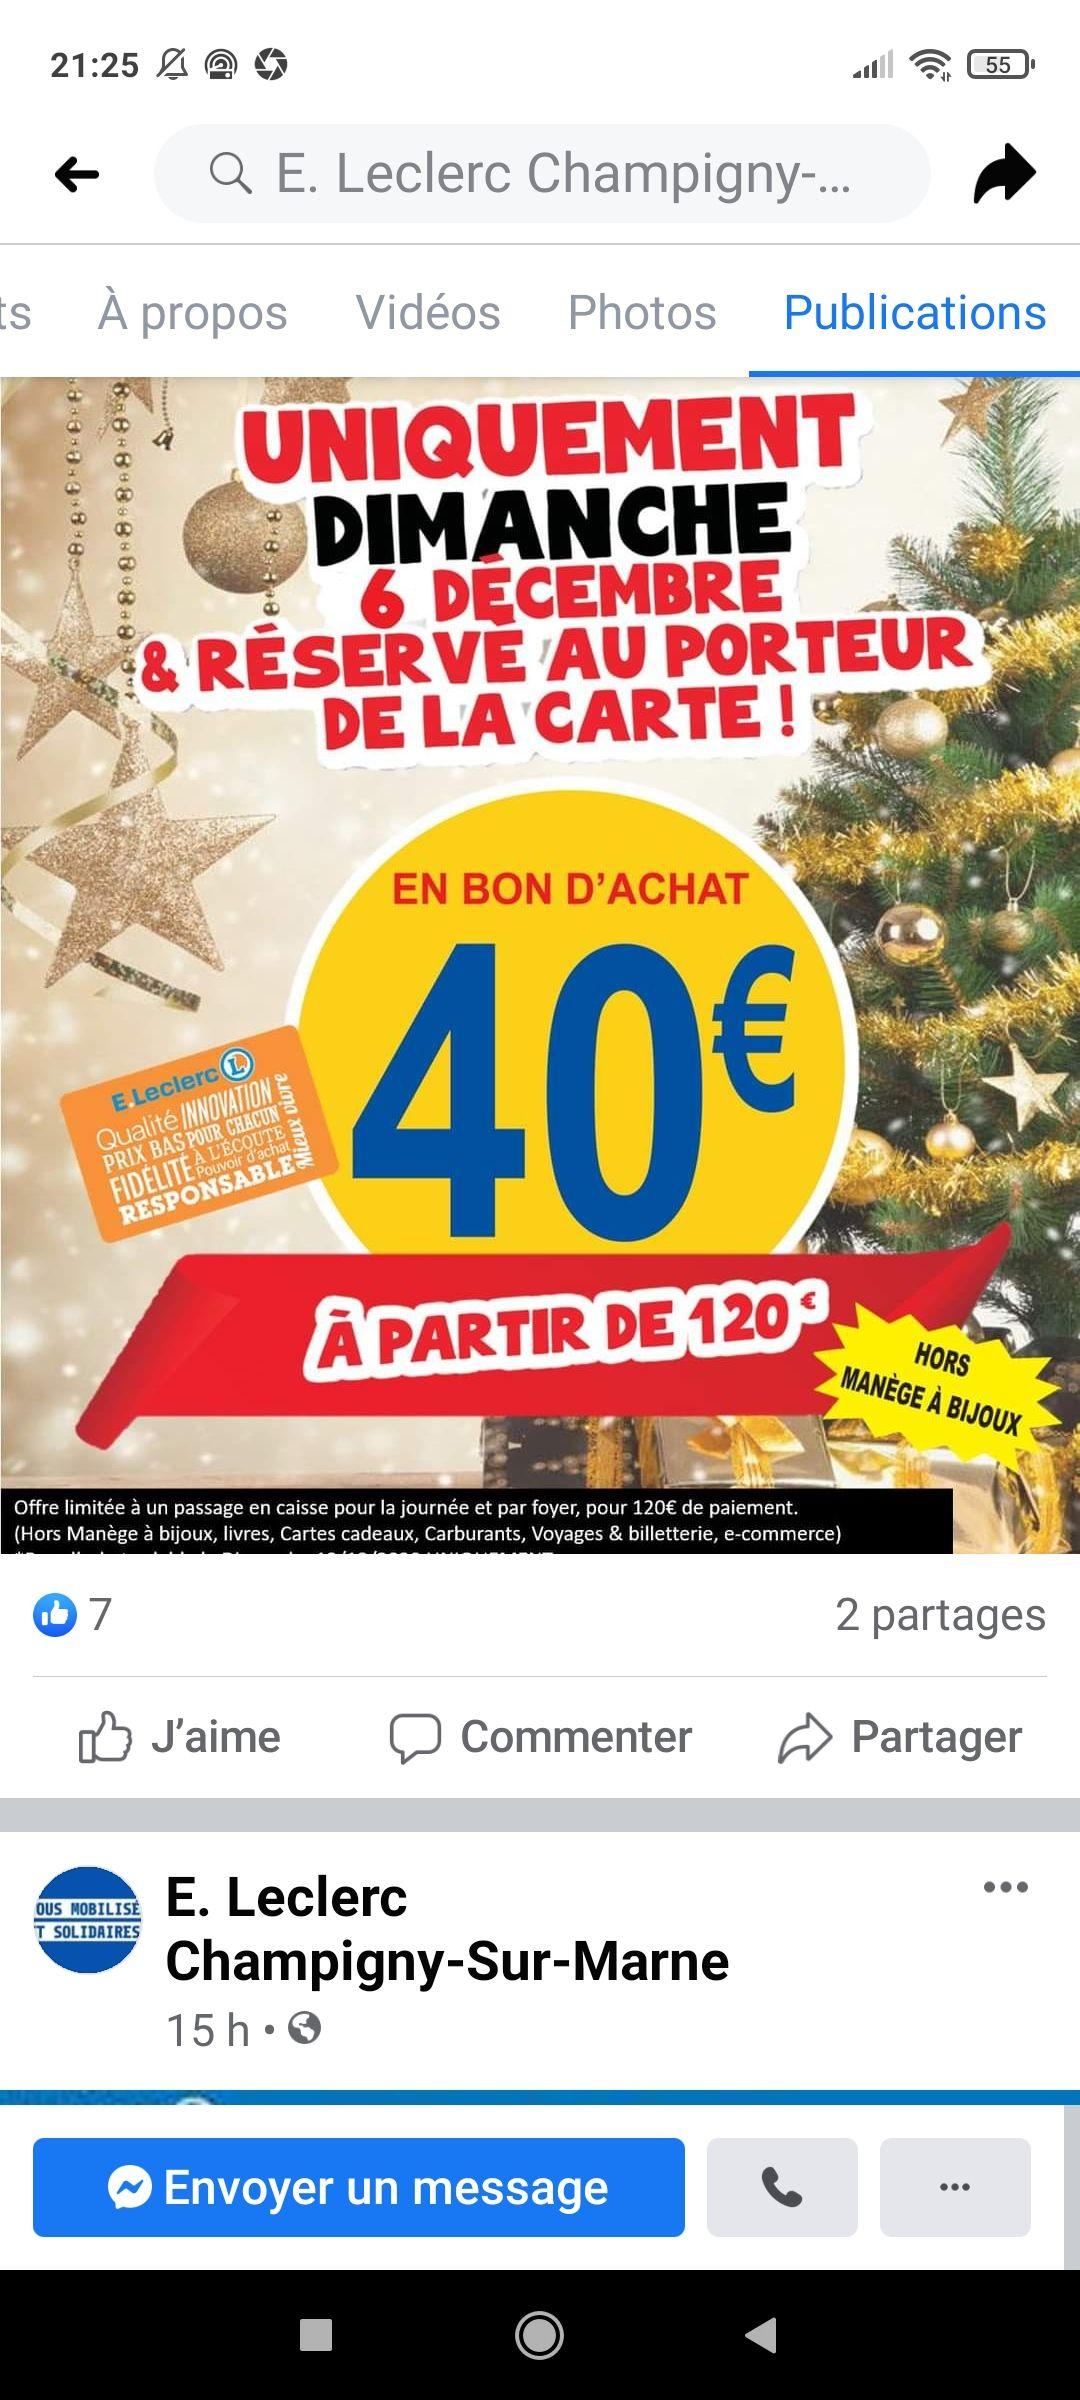 [Porteurs carte fidélité] 40€ en bon d'achat dès 120€ d'achat sur l'ensemble du magasin (Hors exceptions) - Champigny (94)